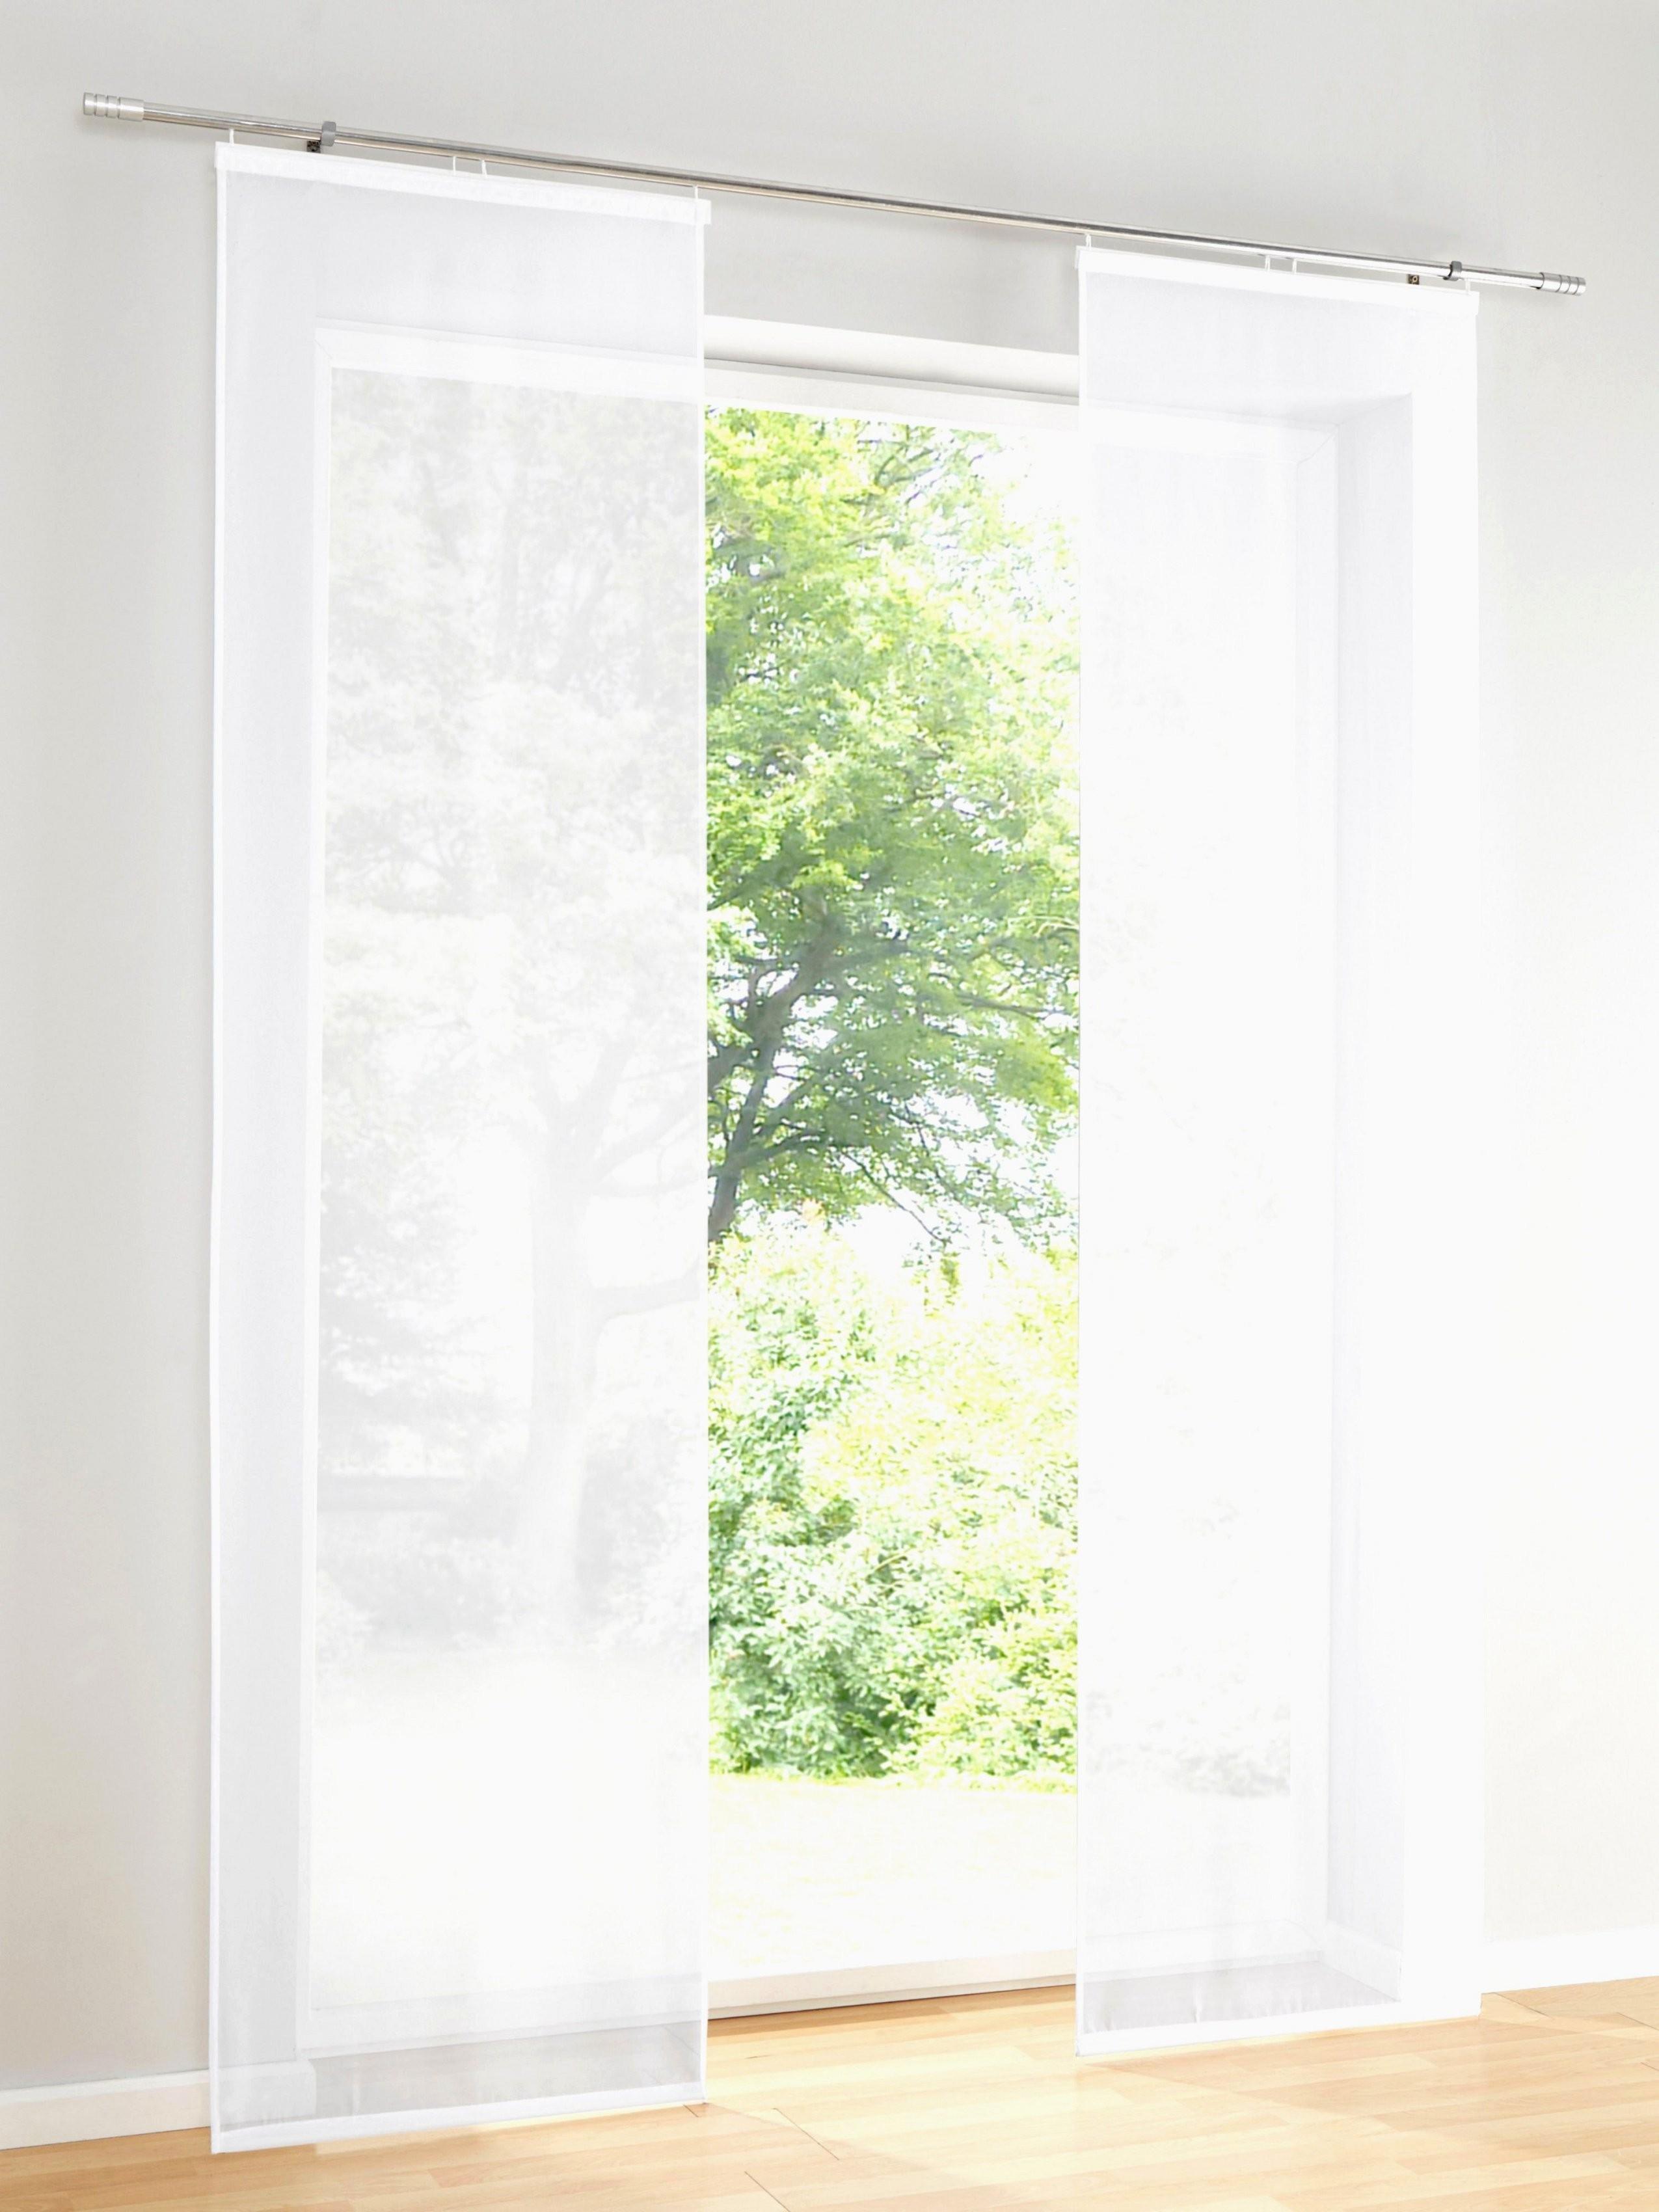 Rollos Für Schräge Fenster Selber Bauen Schön Plissee Rollo Schrge von Rollos Für Schräge Fenster Selber Bauen Photo